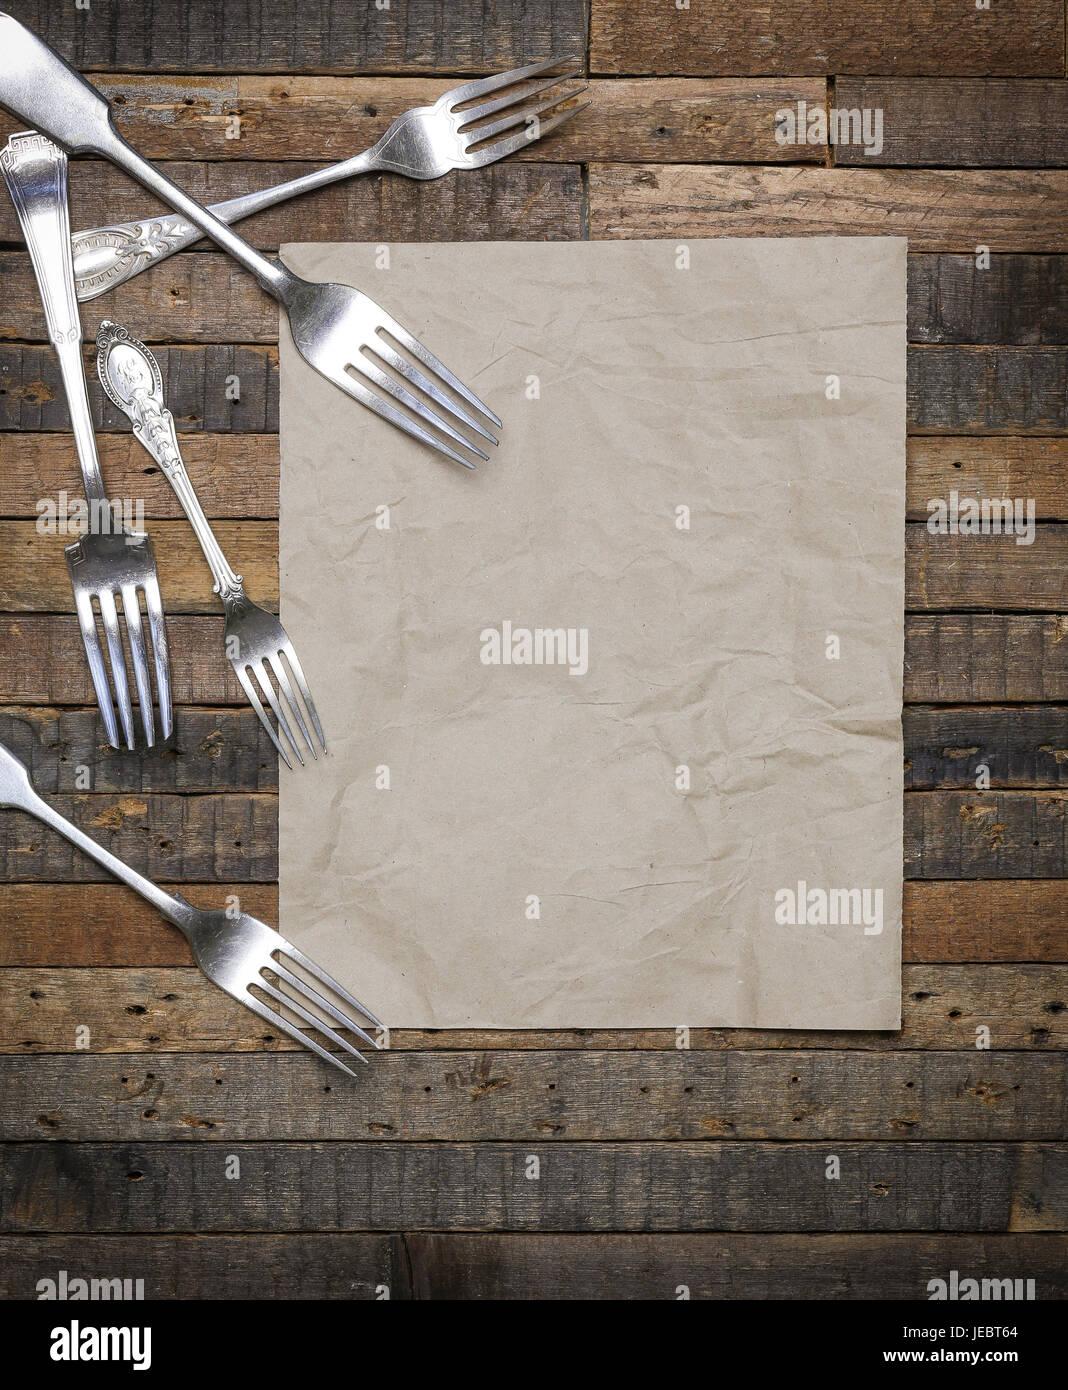 Vintage antique forks on old wooden background flat lay food blog instagram mockup - Stock Image